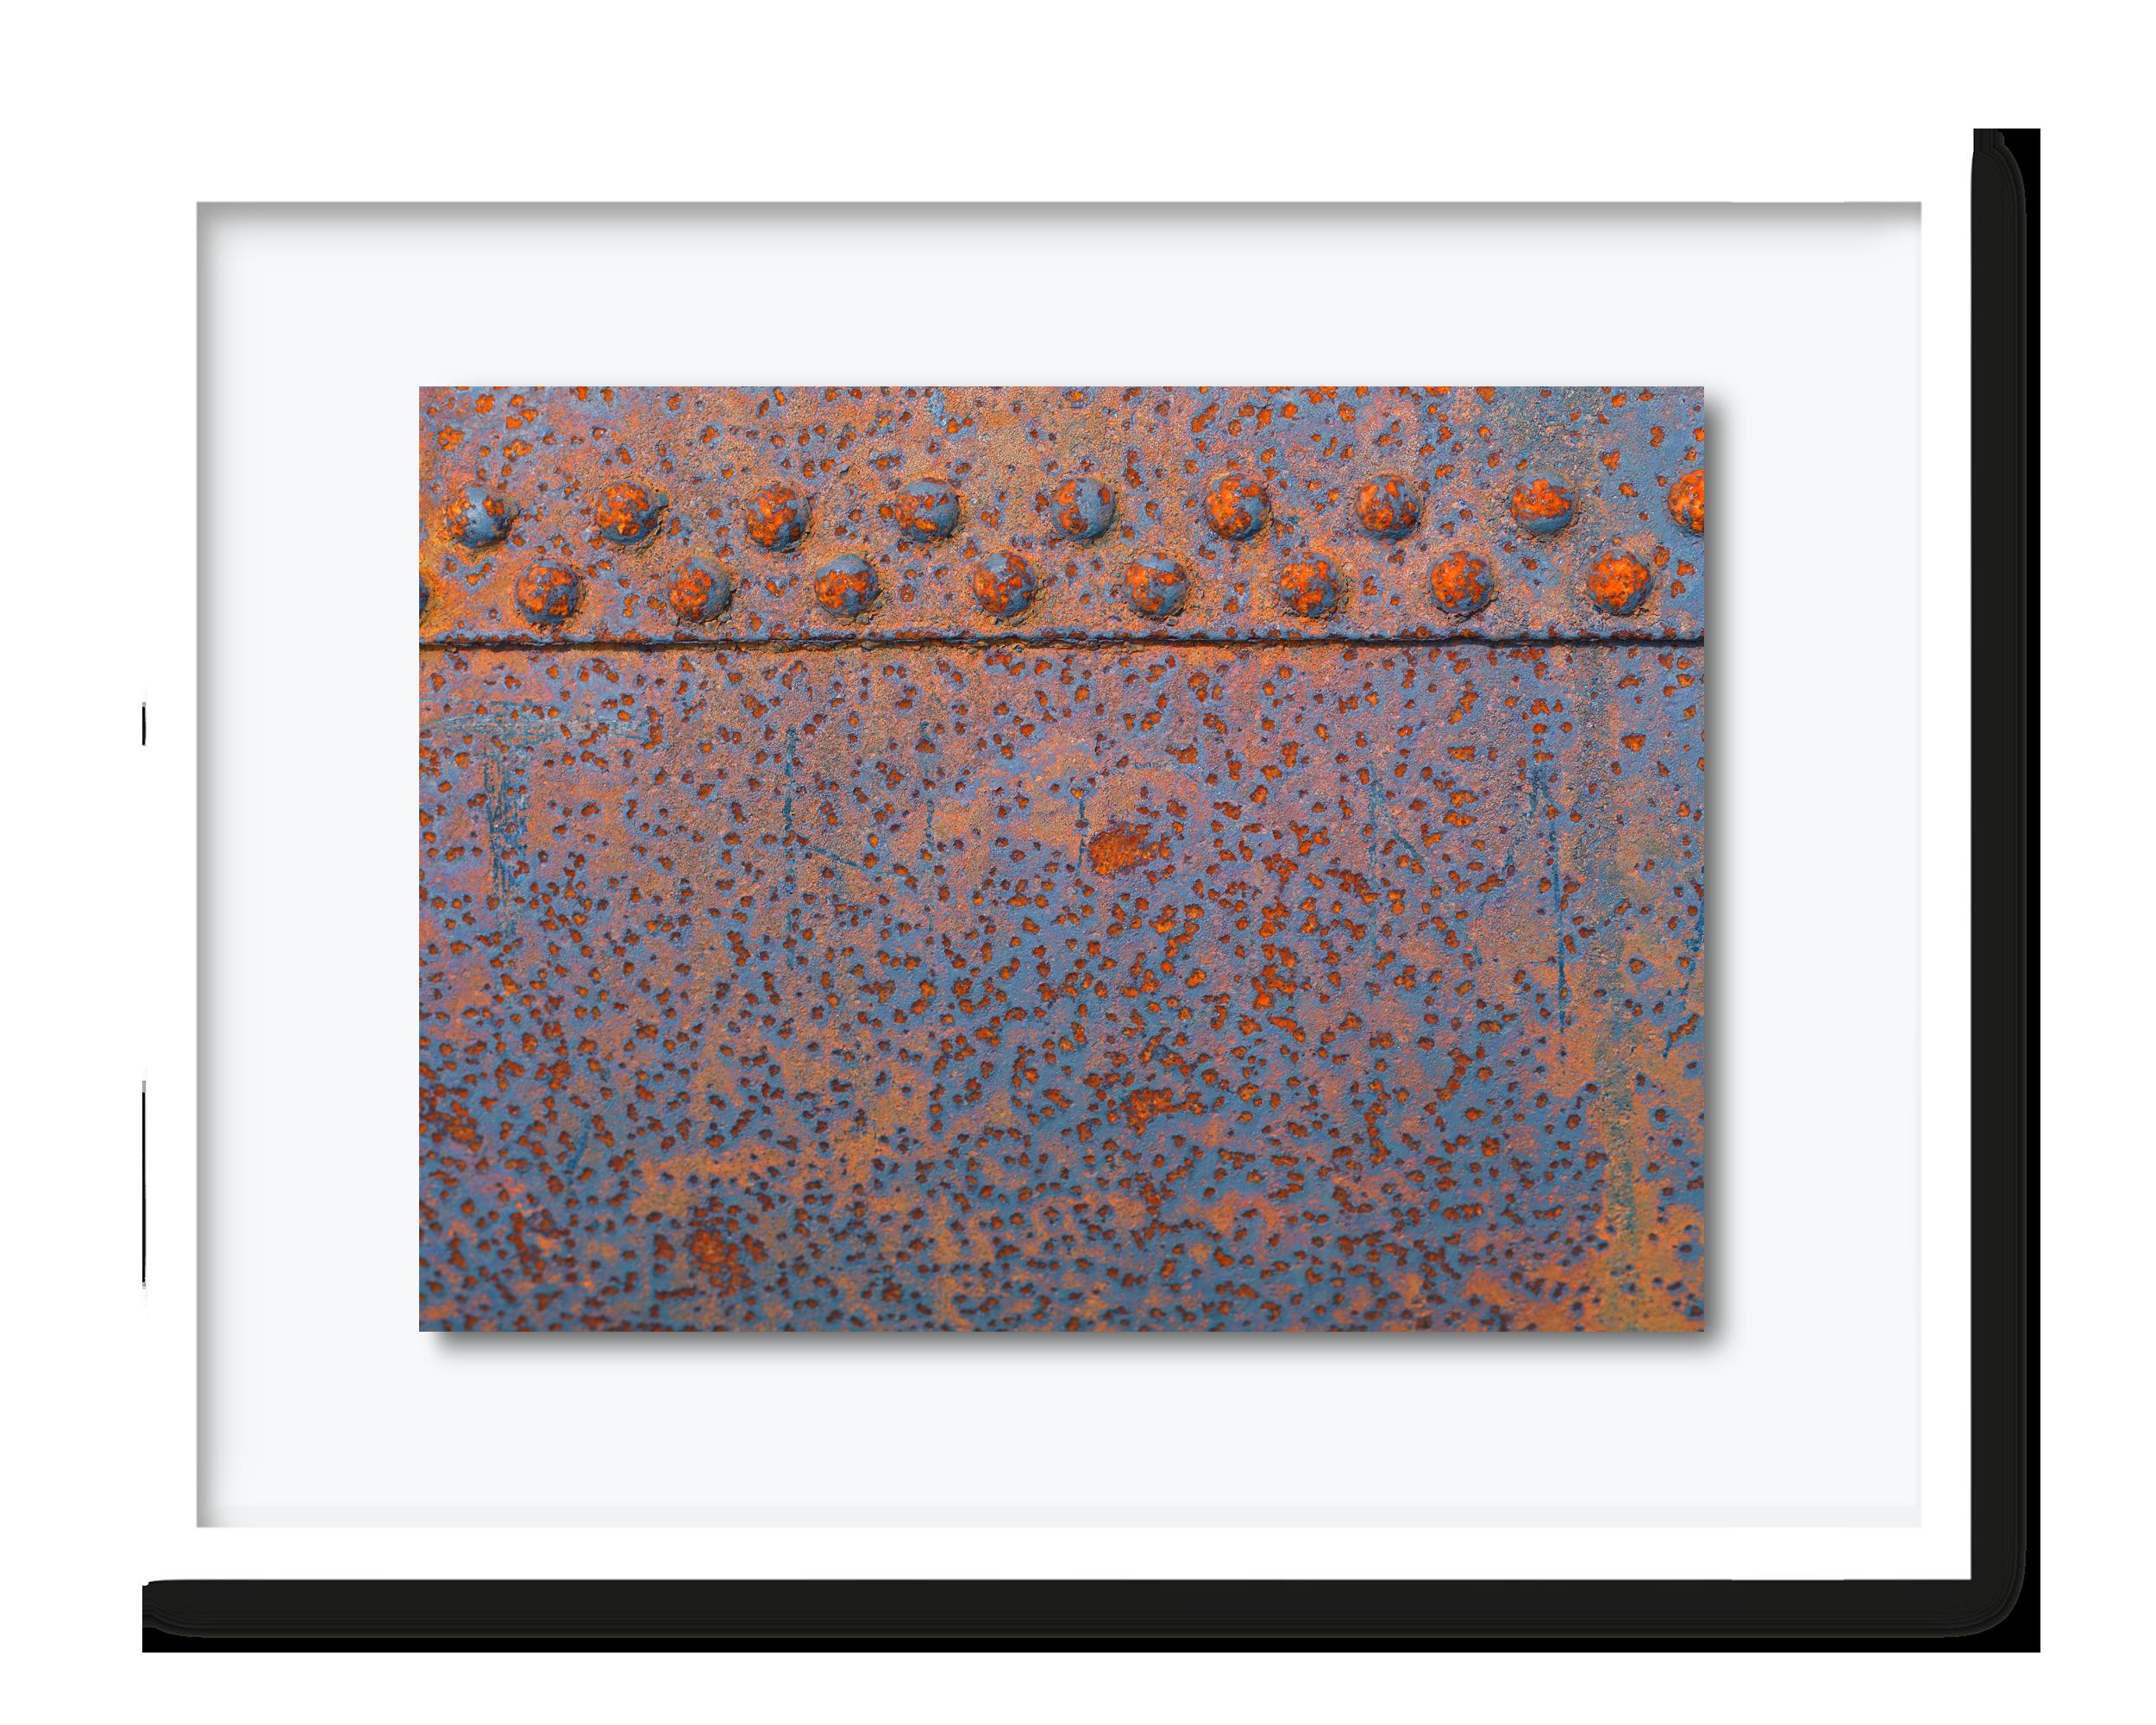 68.david-pearce-rust-texture.png